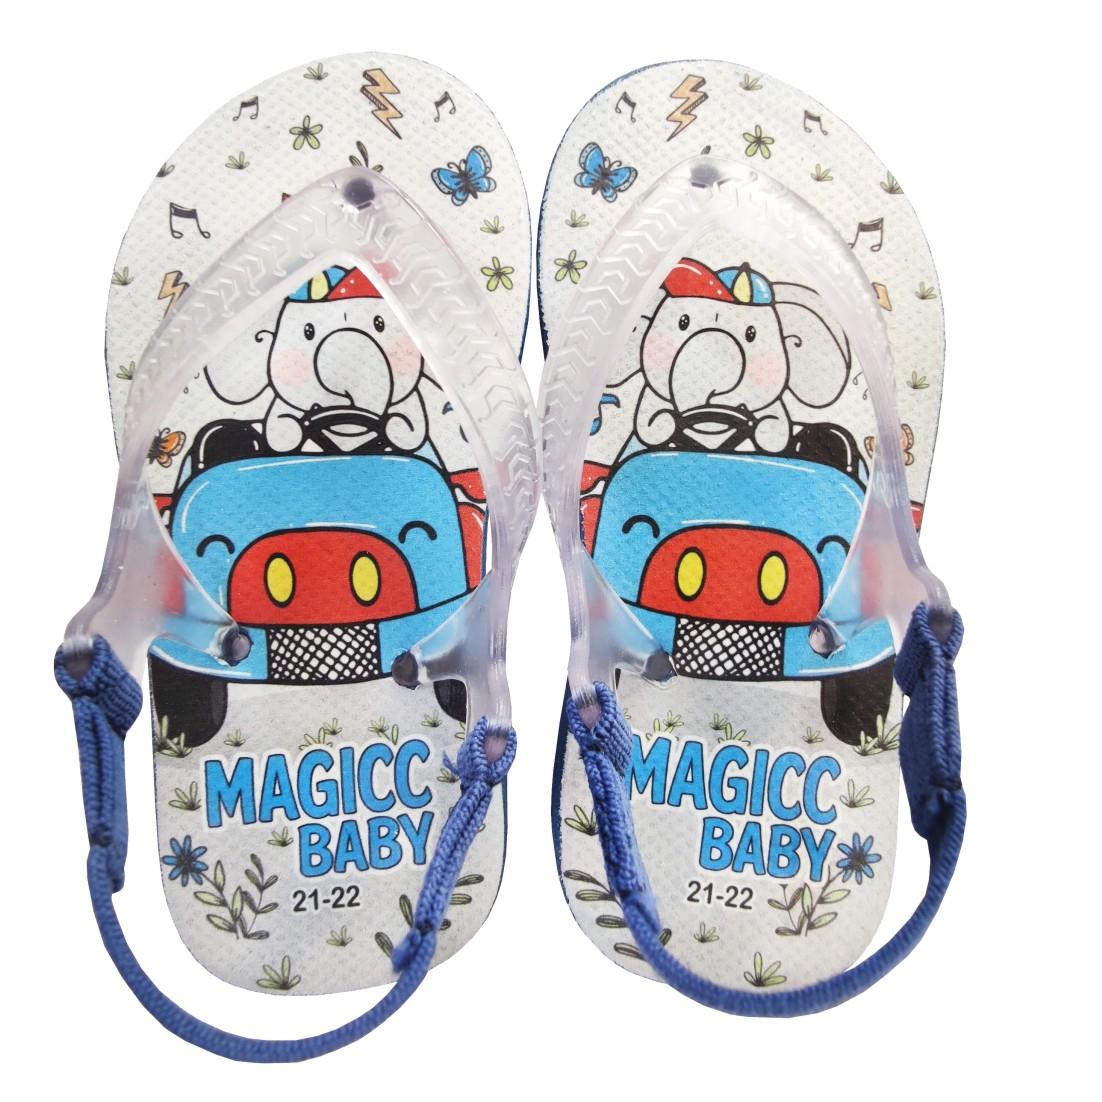 Chinelo Menino Bebê Sandália Elefante Carrinho Magicc Baby